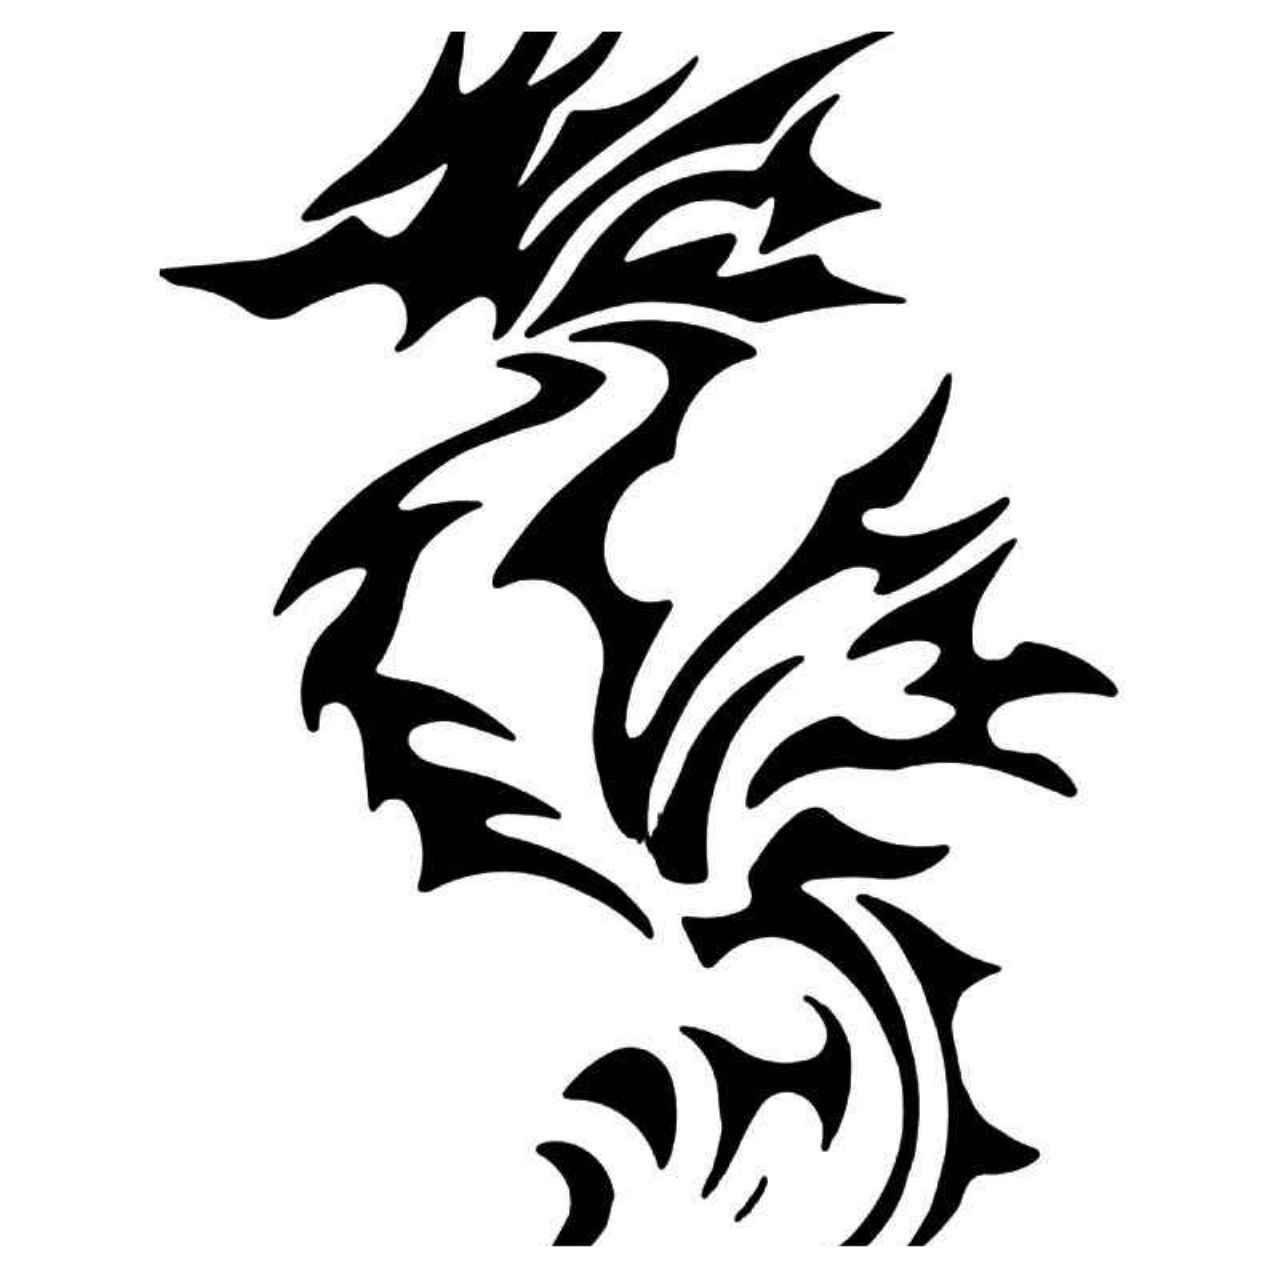 dfd7bf872 Tribal Dragon 47 Vinyl Decal Sticker | Animal | Vinyl decals, Decals ...